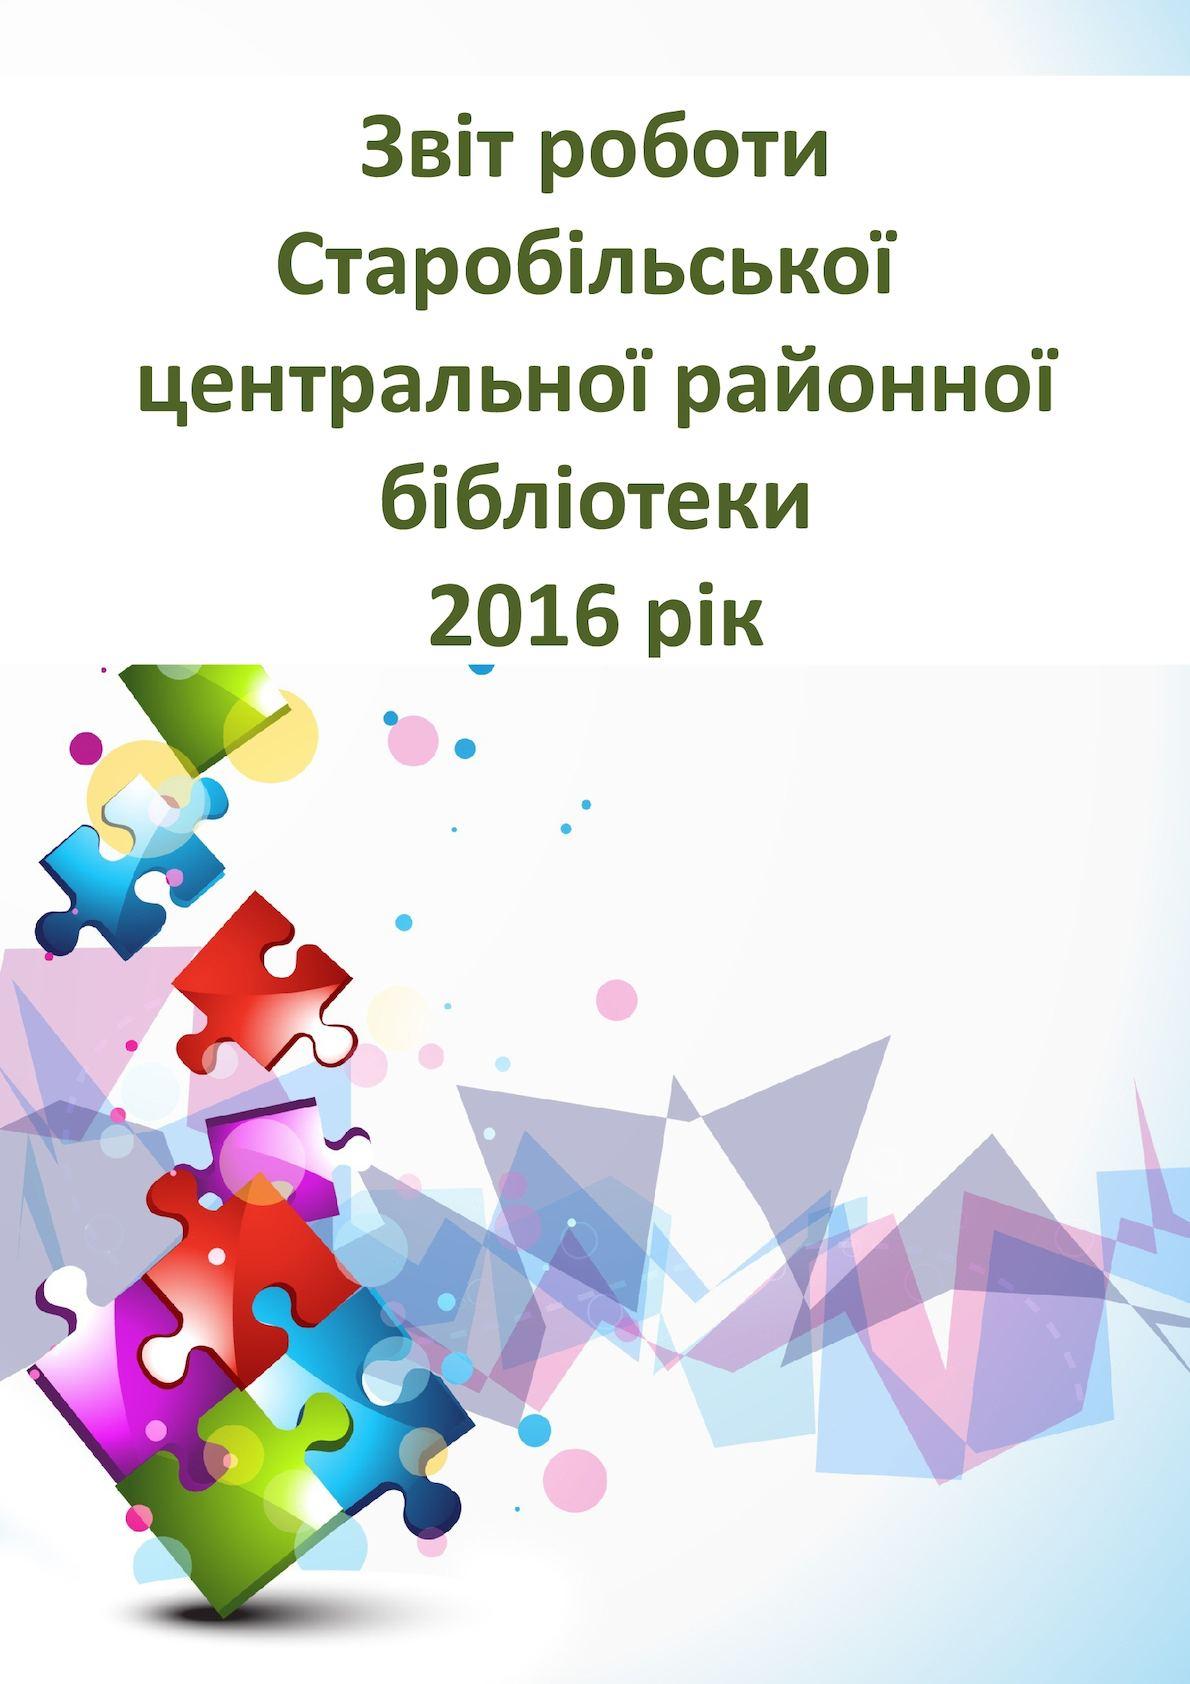 Calaméo - Звіт роботи Старобільської ЦРБ за 2016 рік 67941485ff2f2